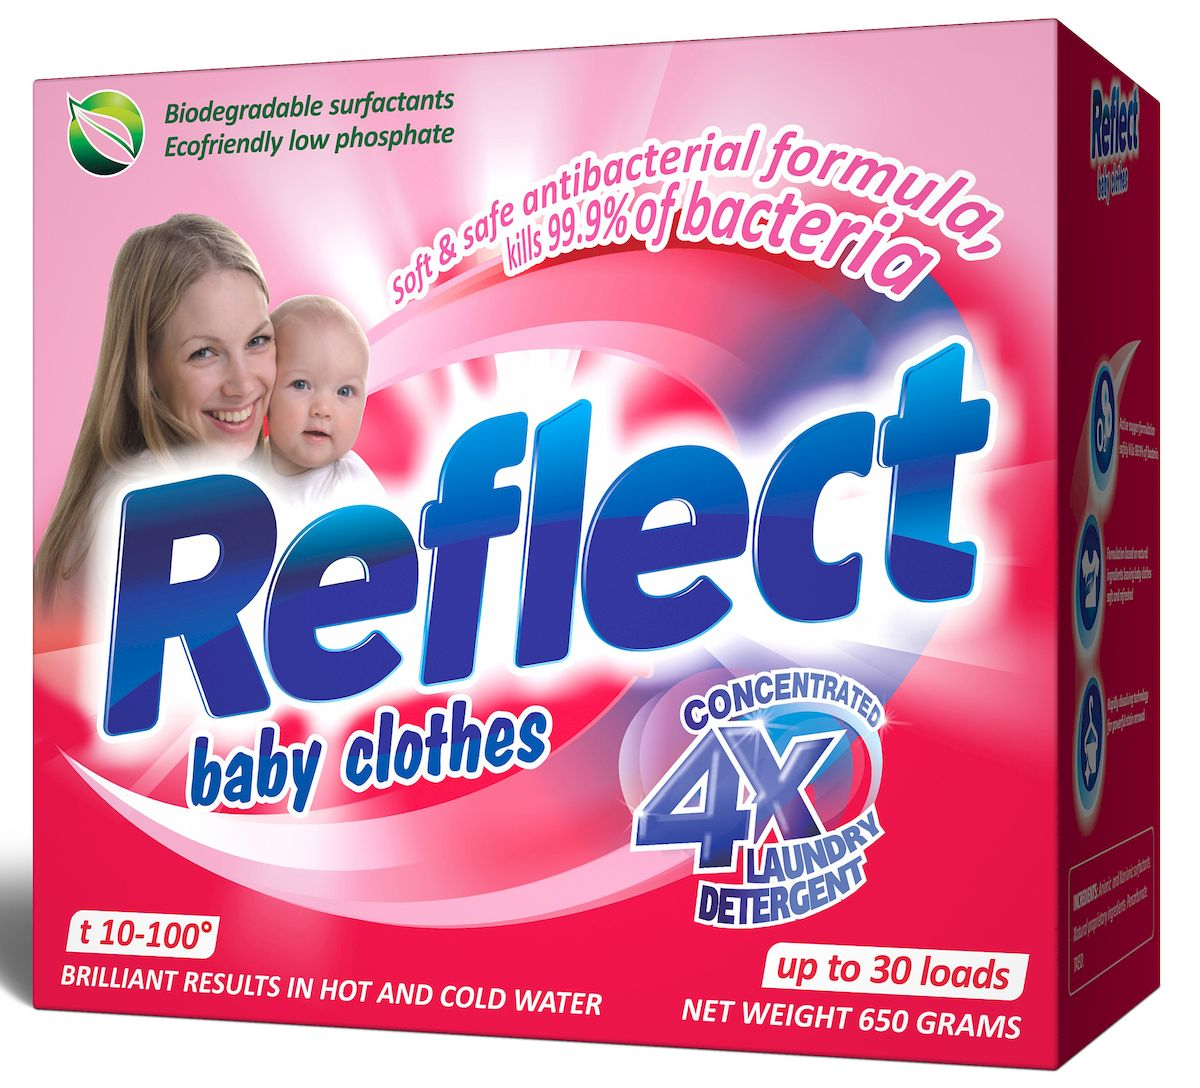 Стиральный порошок Reflect Baby Clothes, концентрированный, 650 г15040Reflect Baby Clothes - это концентрированный стиральный порошок для детского белья с первых дней жизни ребенка от 0 месяцев. На основе натурального мыла легко справляется со специфическими загрязнениями от жизнедеятельности ребенка.Стиральный порошок Reflect Baby Clothes:- отлично удаляет пятна (молоко, детское питание, каши, пюре, сок и т.д.); - гипоаллергенный, для людей с чувствительной кожей;- для всех типов ткани, включая шерсть; - от 10 до 100°С для белого и цветного белья, обновляет цвет, сохраняет структуру ткани; - экопродукт, полностью выполаскивается.